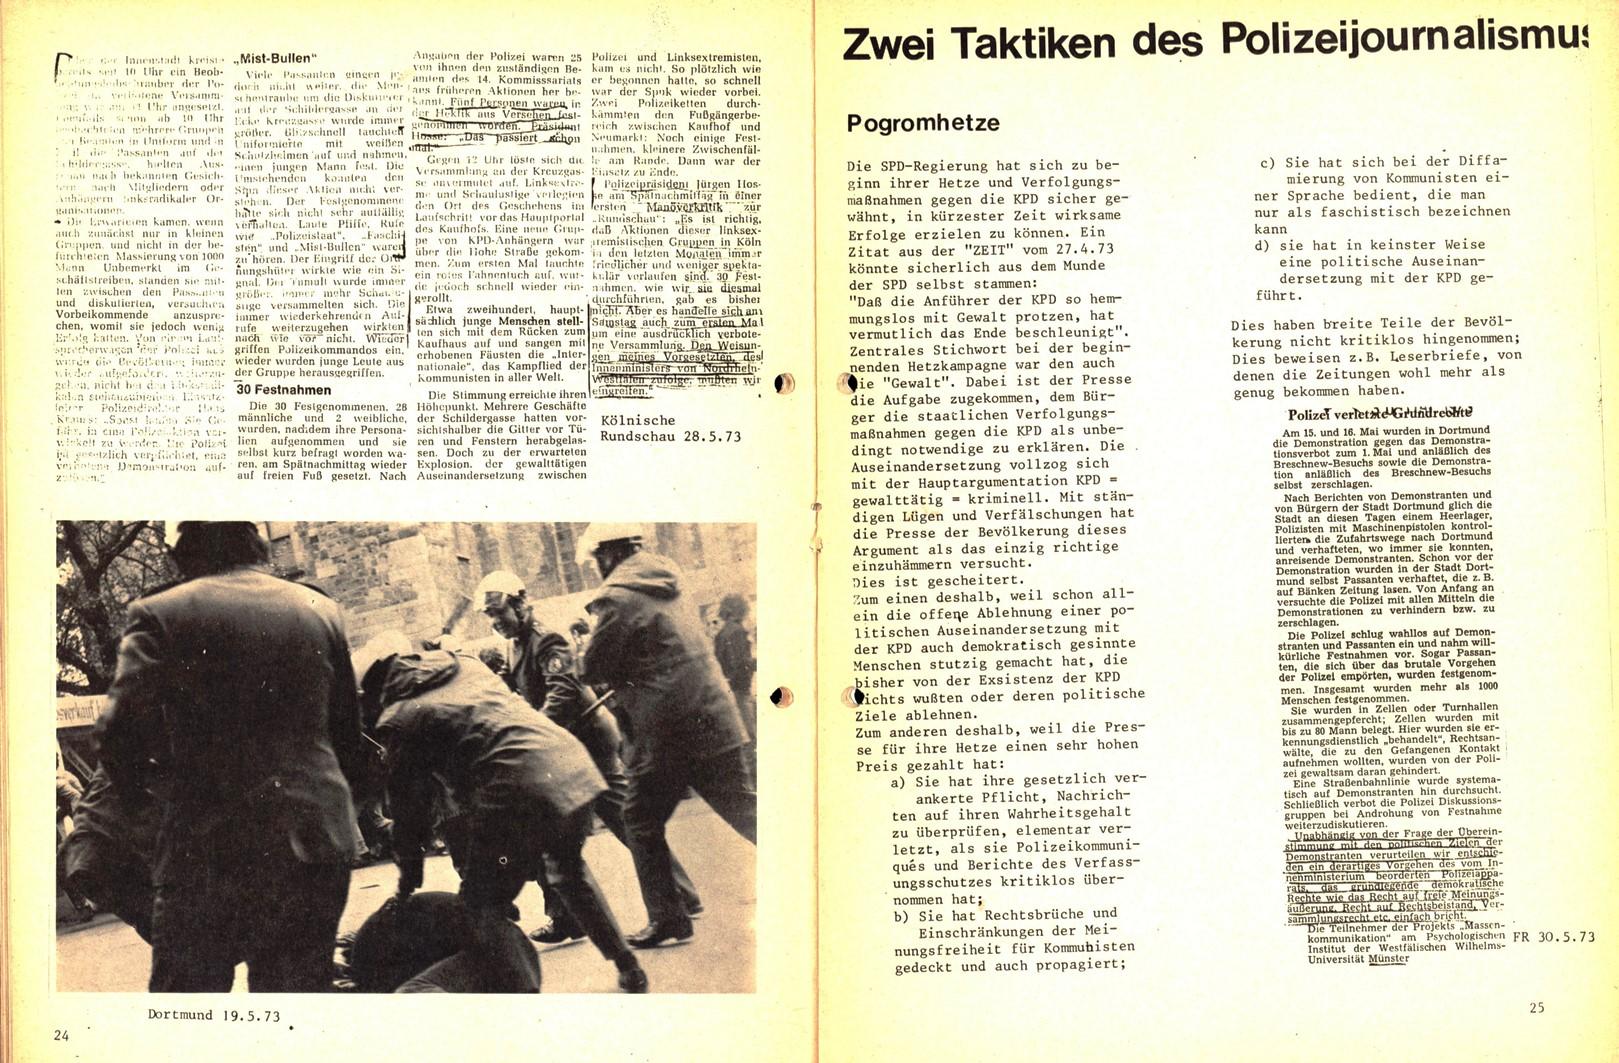 Komitee_Haende_weg_von_der_KPD_1973_Polizeijournalismus_13